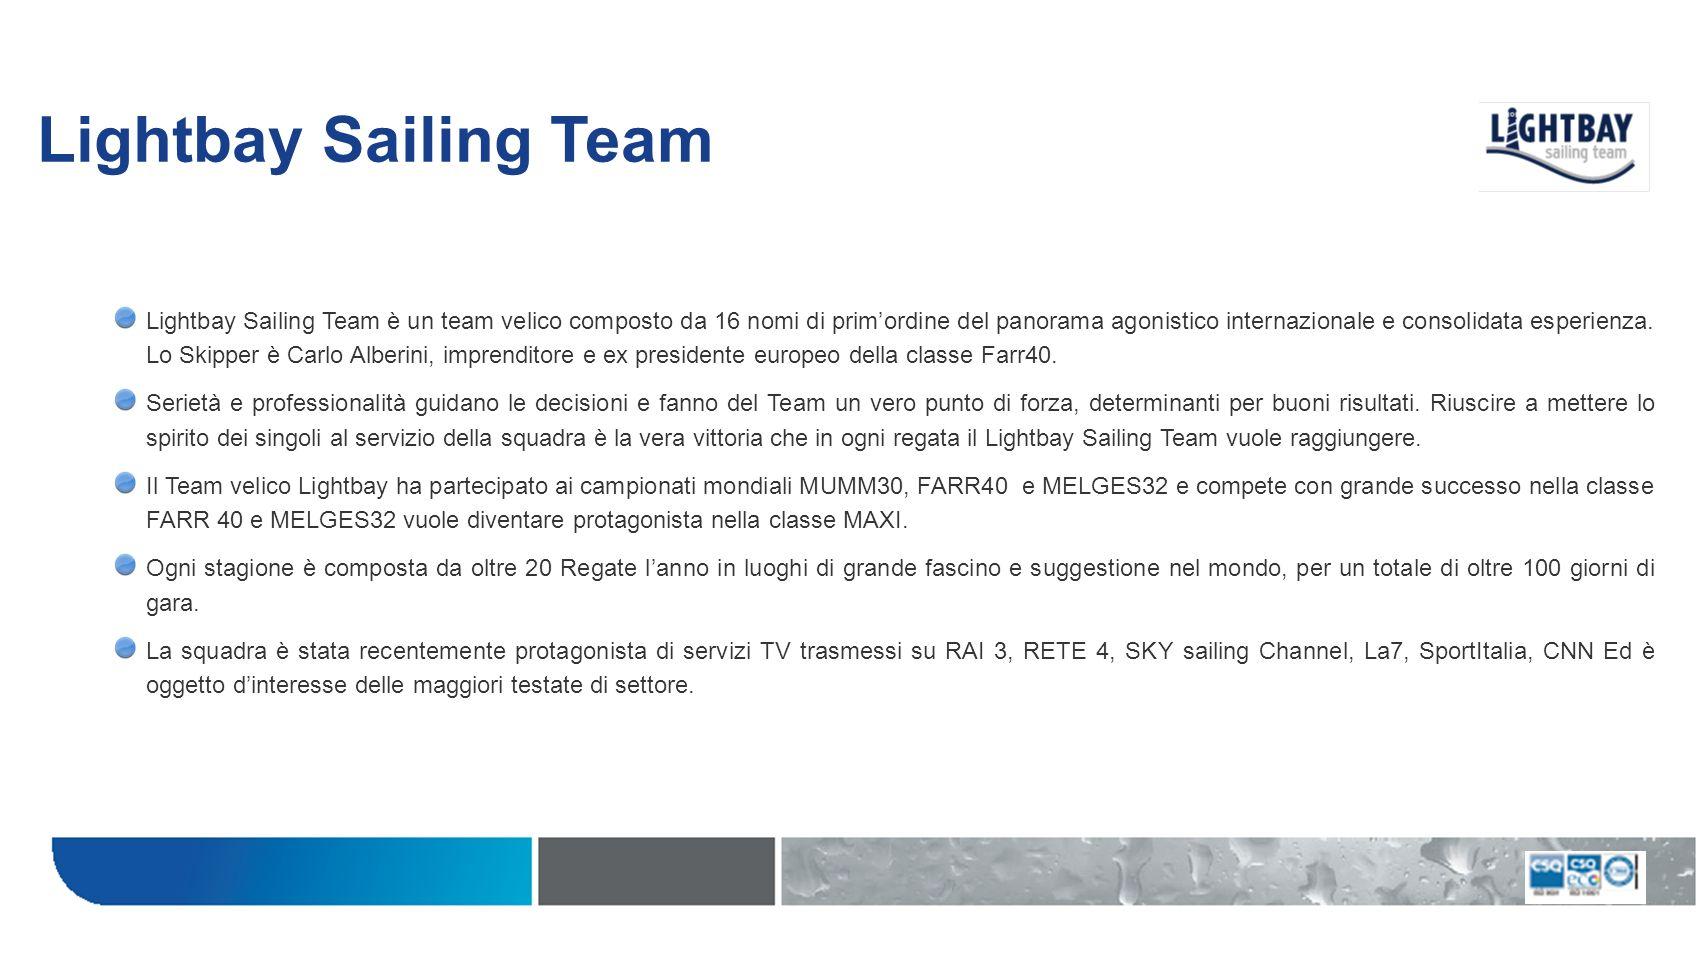 Lightbay Sailing Team Lightbay Sailing Team è un team velico composto da 16 nomi di primordine del panorama agonistico internazionale e consolidata es